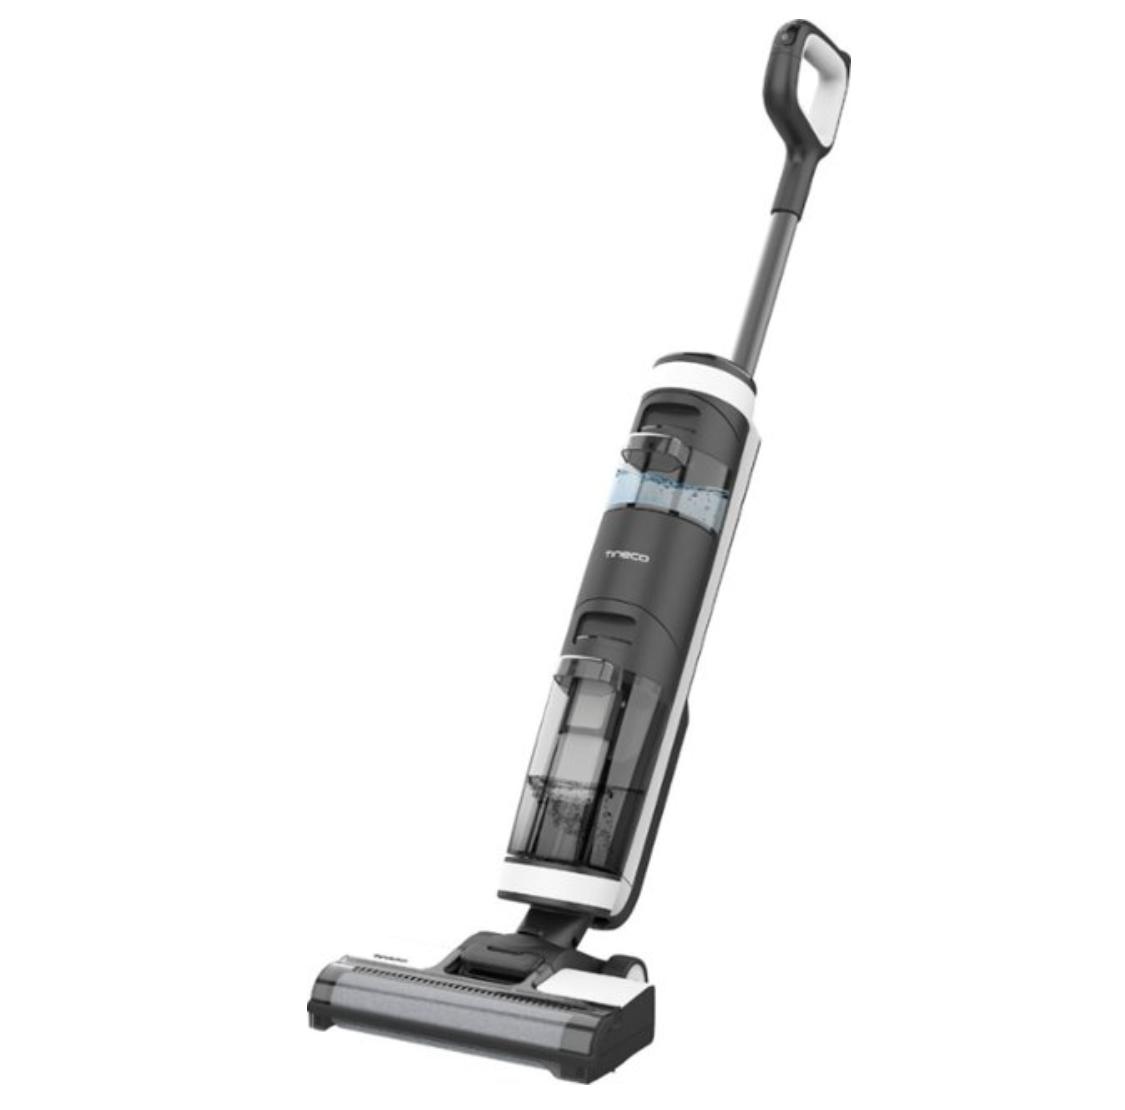 Tineco FloorOne S3 Smart Cordless Hard Floor Cleaner Wet Dry Vacuum Black FloorOne S3